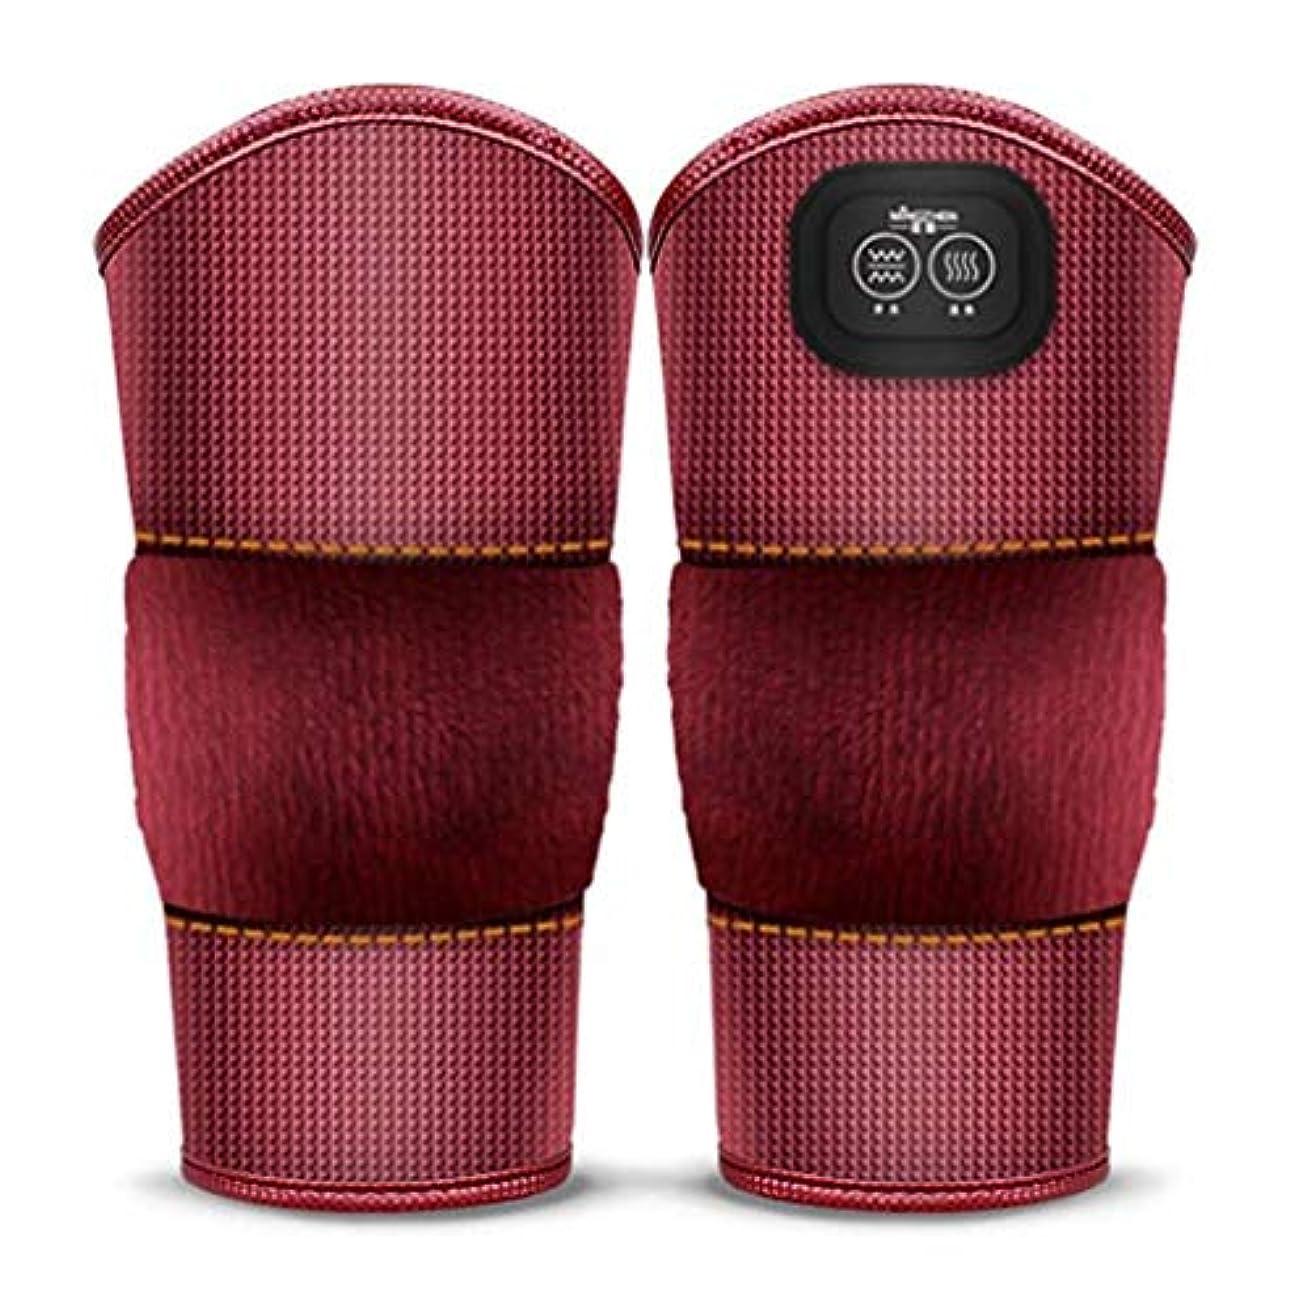 フォーマットゲージ警告マッサージ加熱膝ブレースラップ、プロフェッショナルな膝サポートパッド、膝捻挫の痛み、関節炎の痛み、古い冷たい脚の関節痛